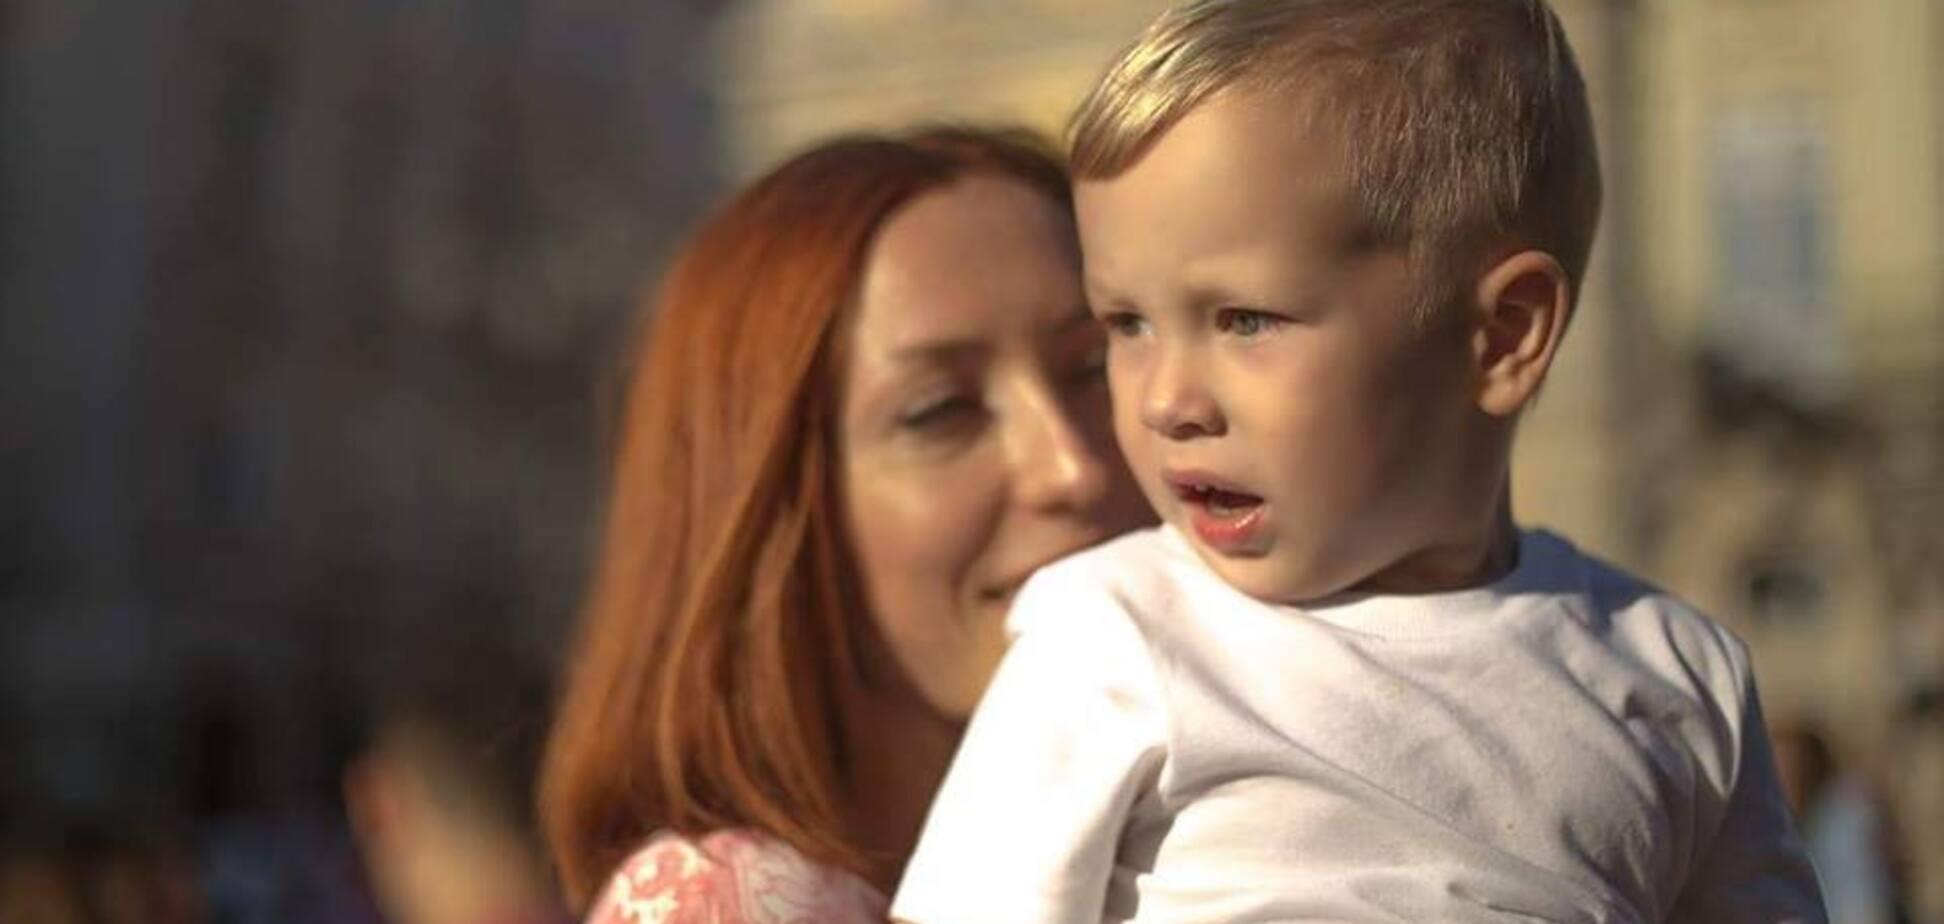 Дитина проходить всі стадії страждання - від страху до повної зневіри